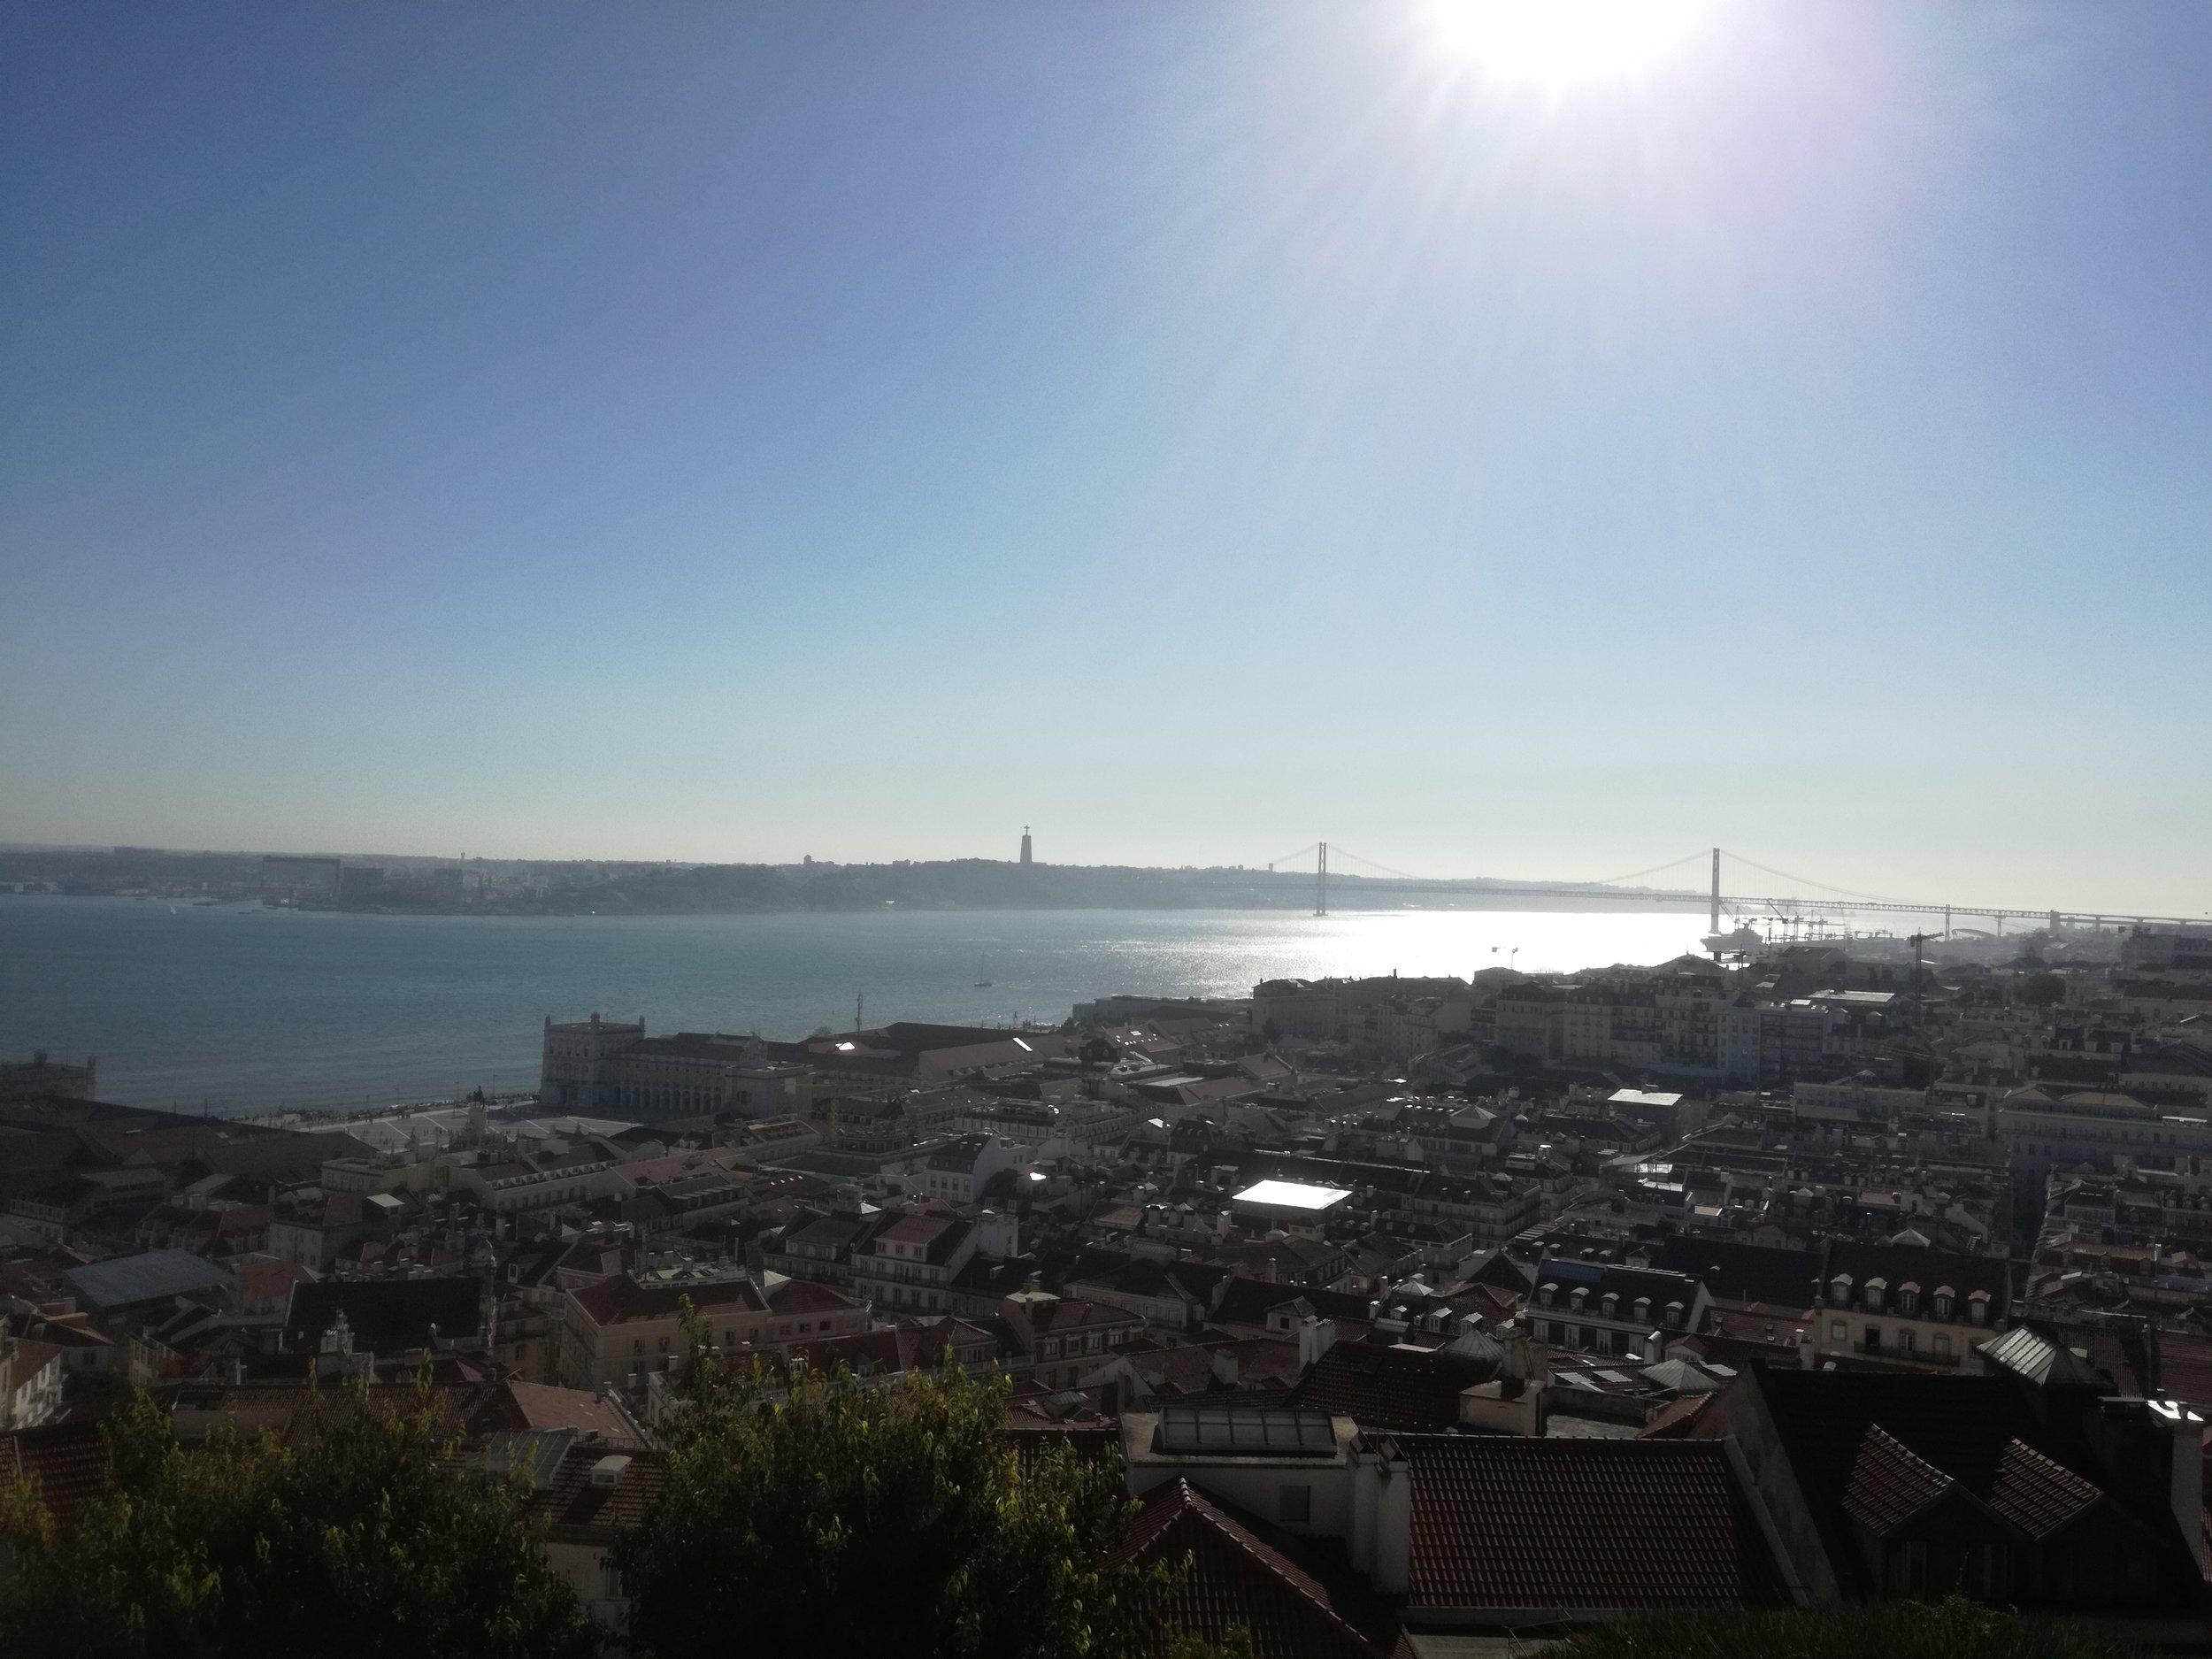 PanoramaCastello.jpg